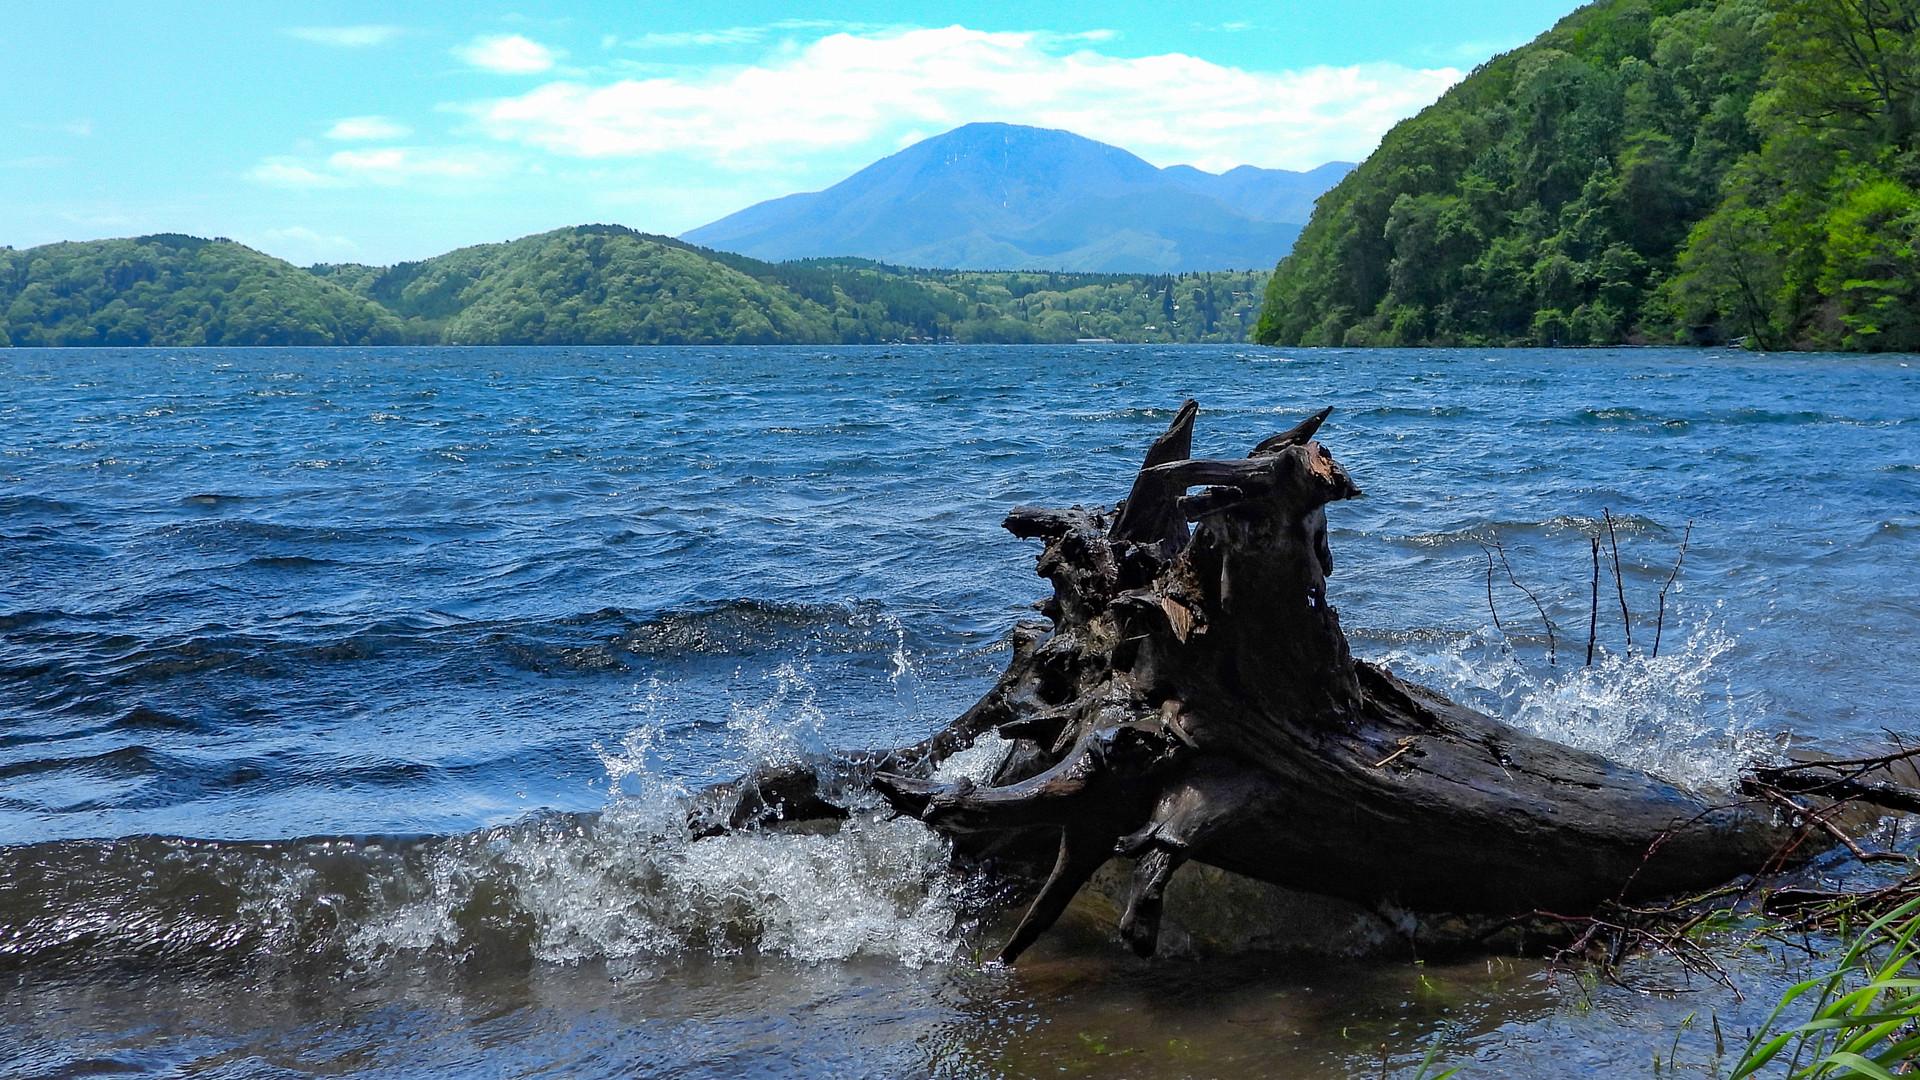 Lake Japan